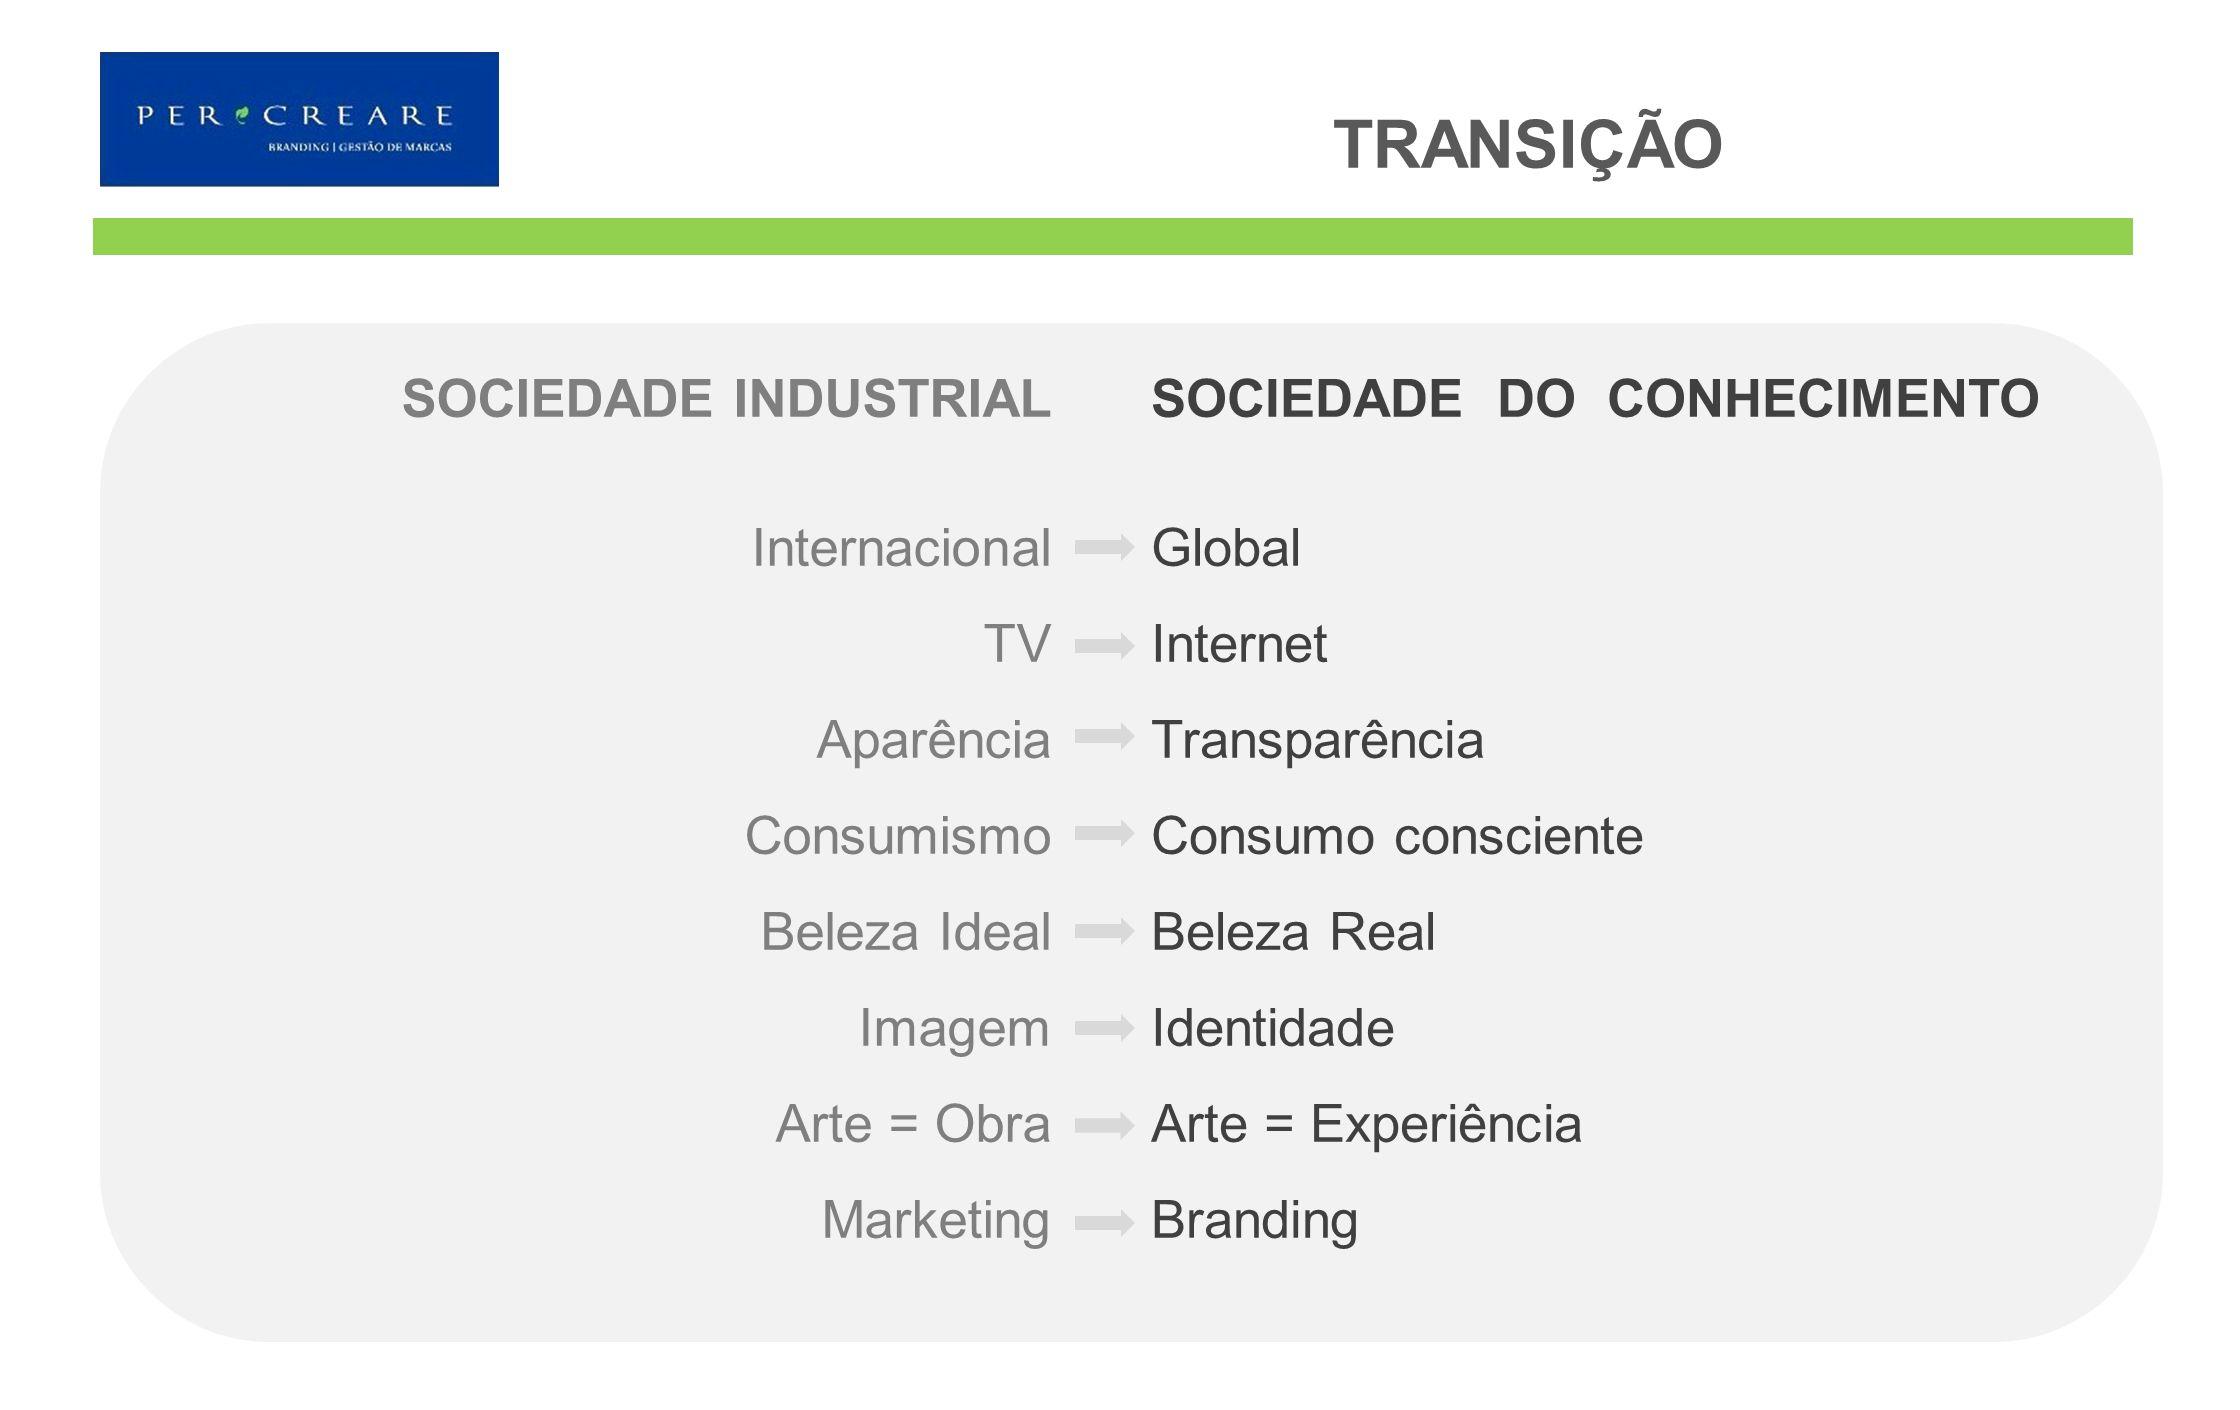 TRANSIÇÃO SOCIEDADE INDUSTRIAL Internacional TV Aparência Consumismo